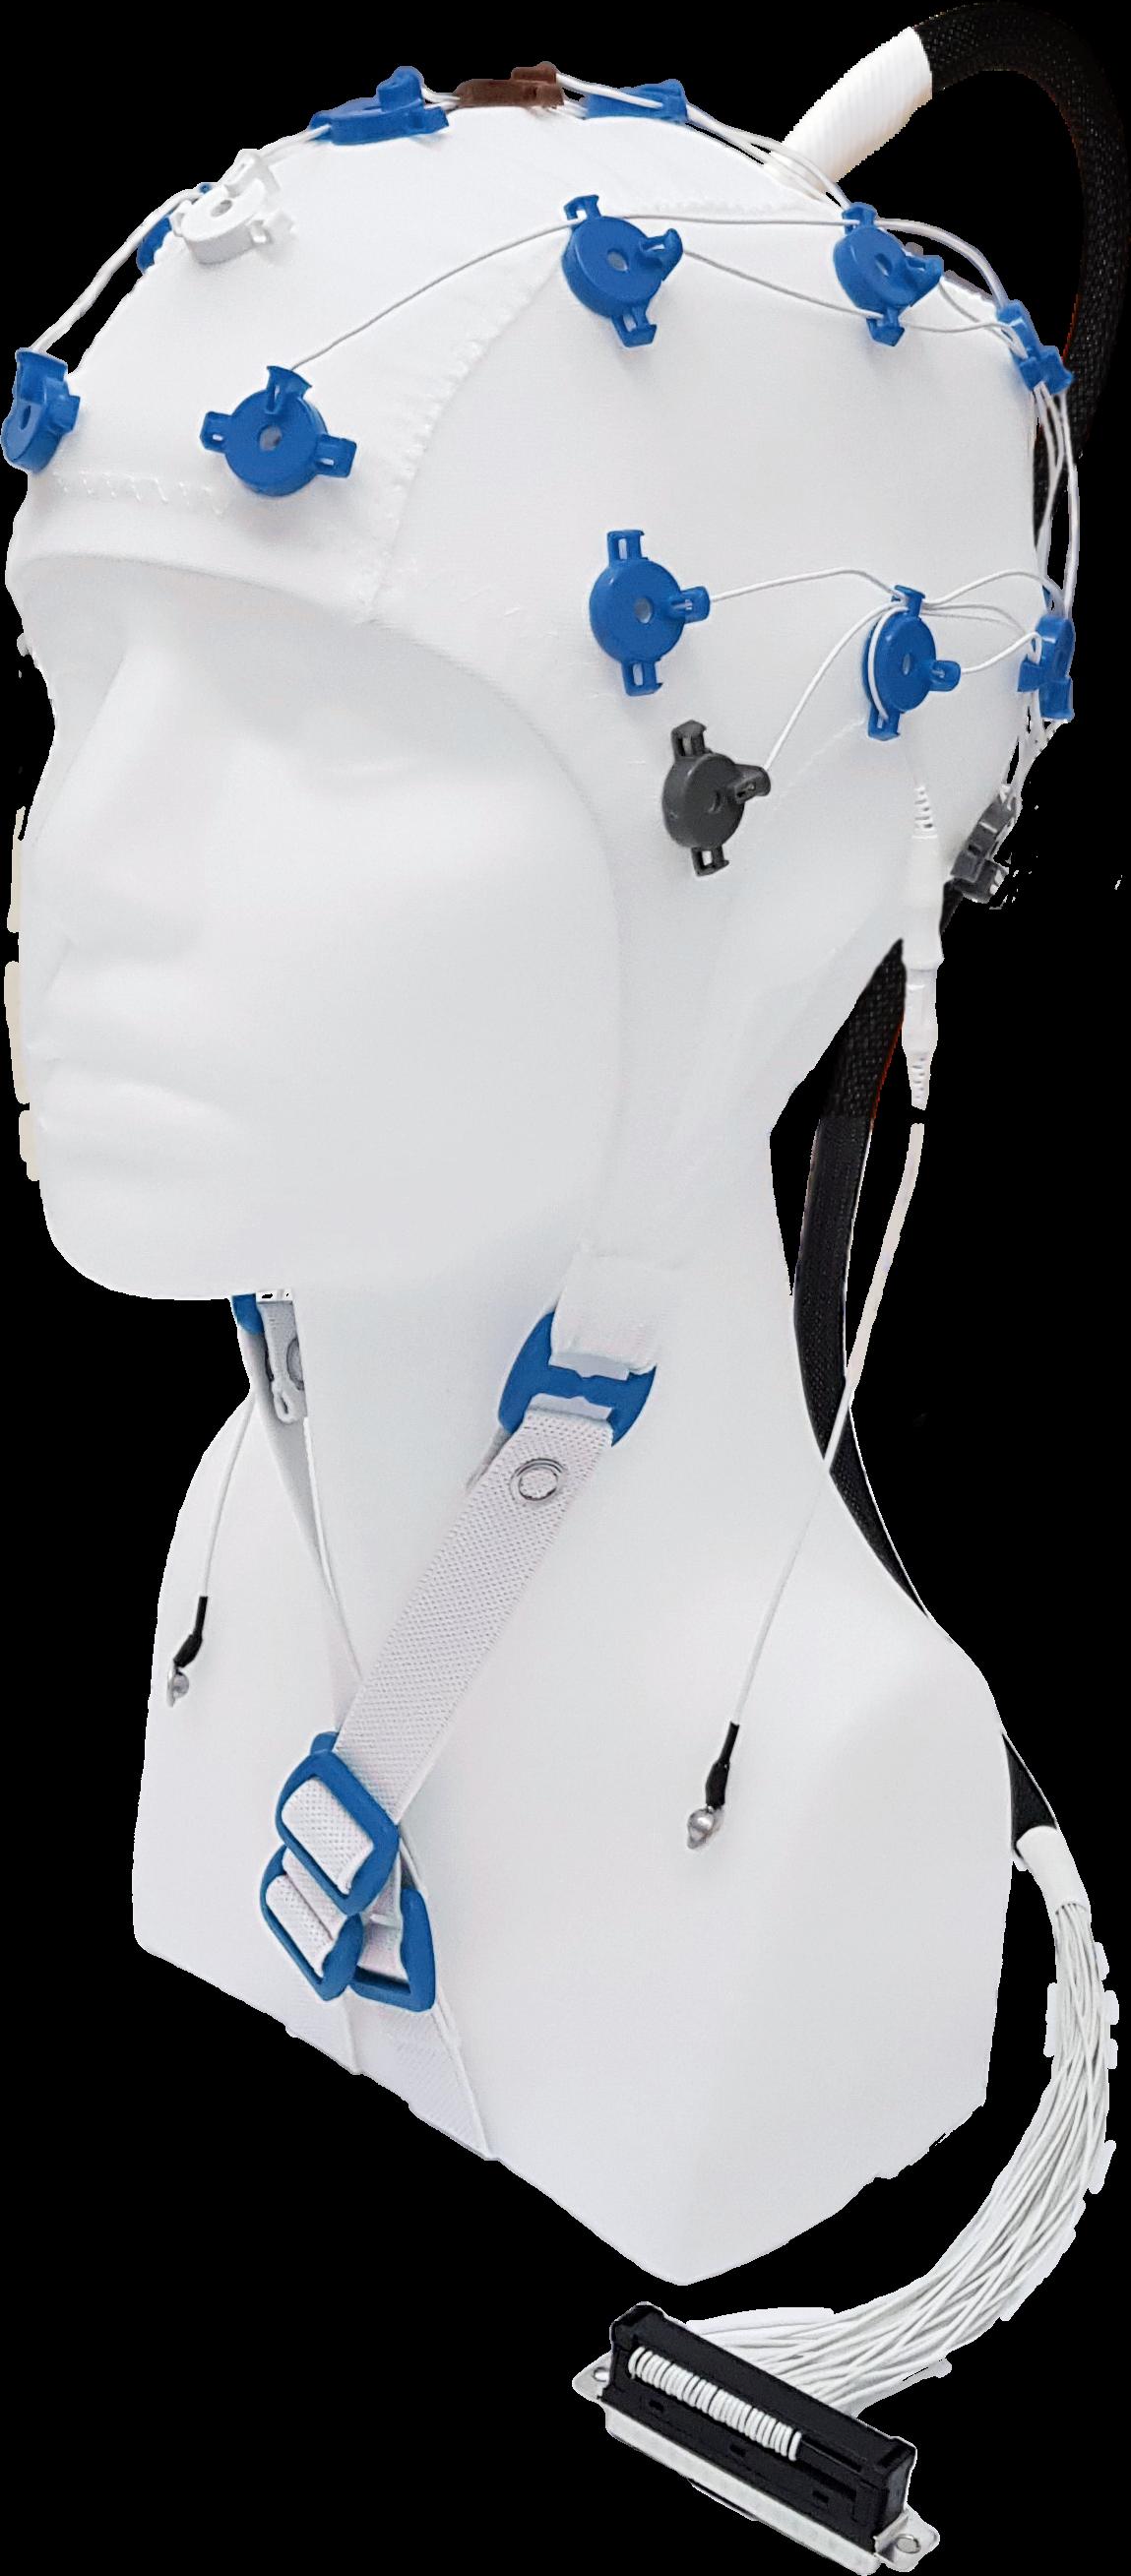 EEG čepice FlexiCAP UP 19+6 kanálů - nový IFCN standard: L (59 – 63 cm), modrá, NEOBSAHUJE KABEL PRO PŘIPOJENÍ 45-893